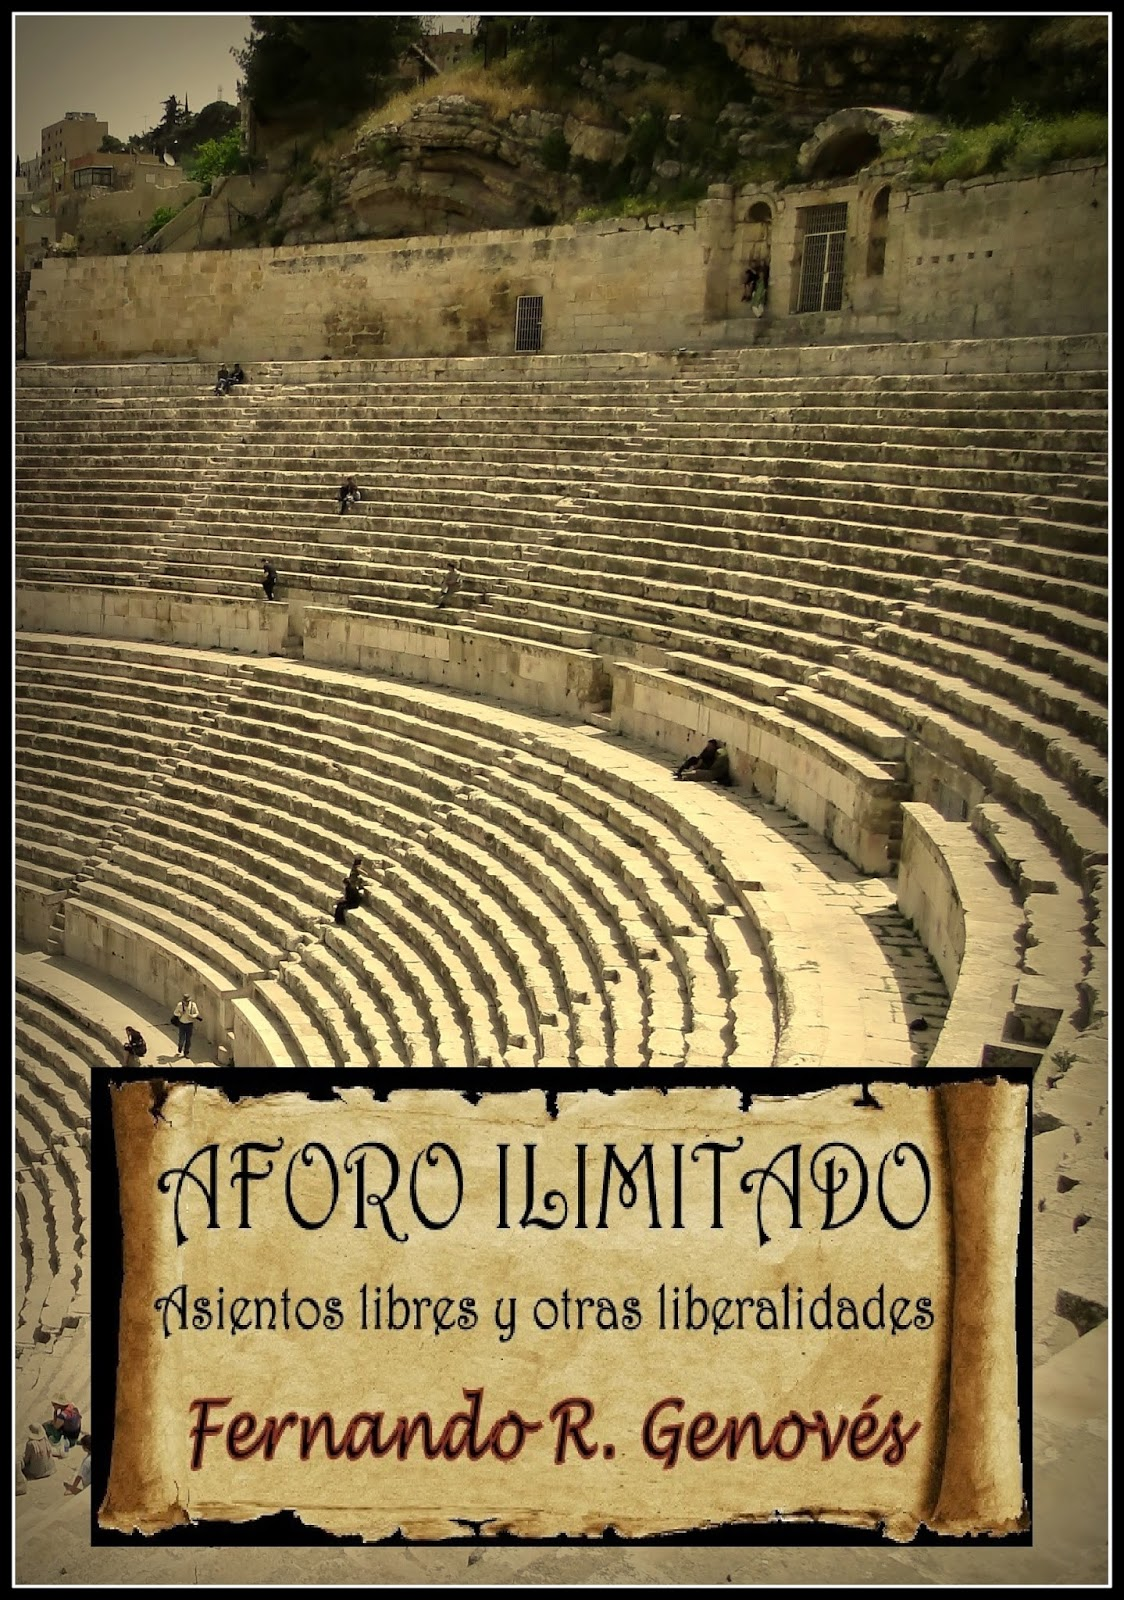 Aforo ilimitado (2017)